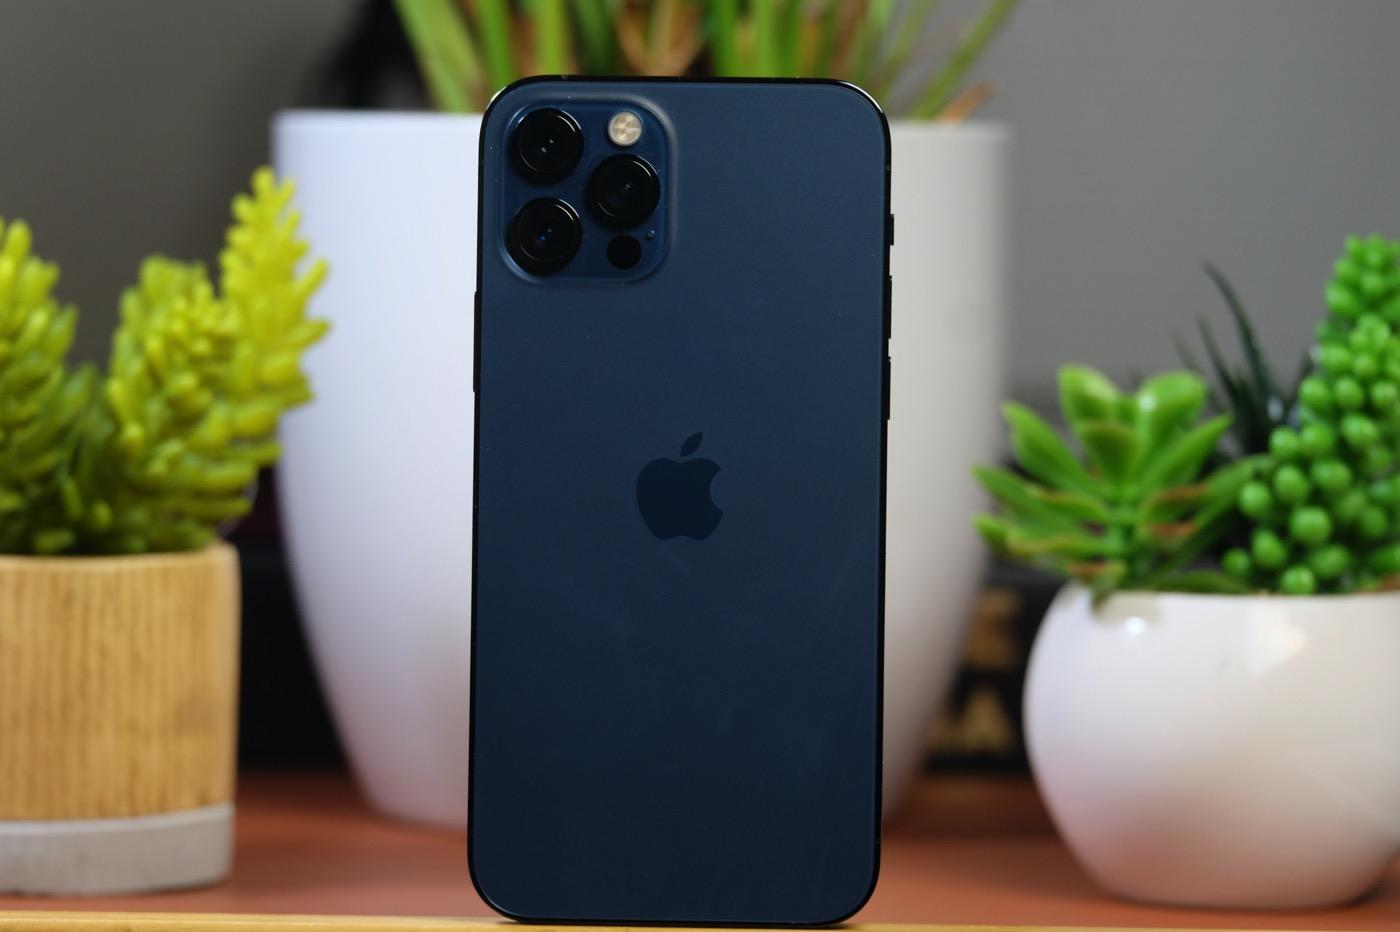 Test de l'iPhone 12 Pro : Apple se conjugue au presque-parfait